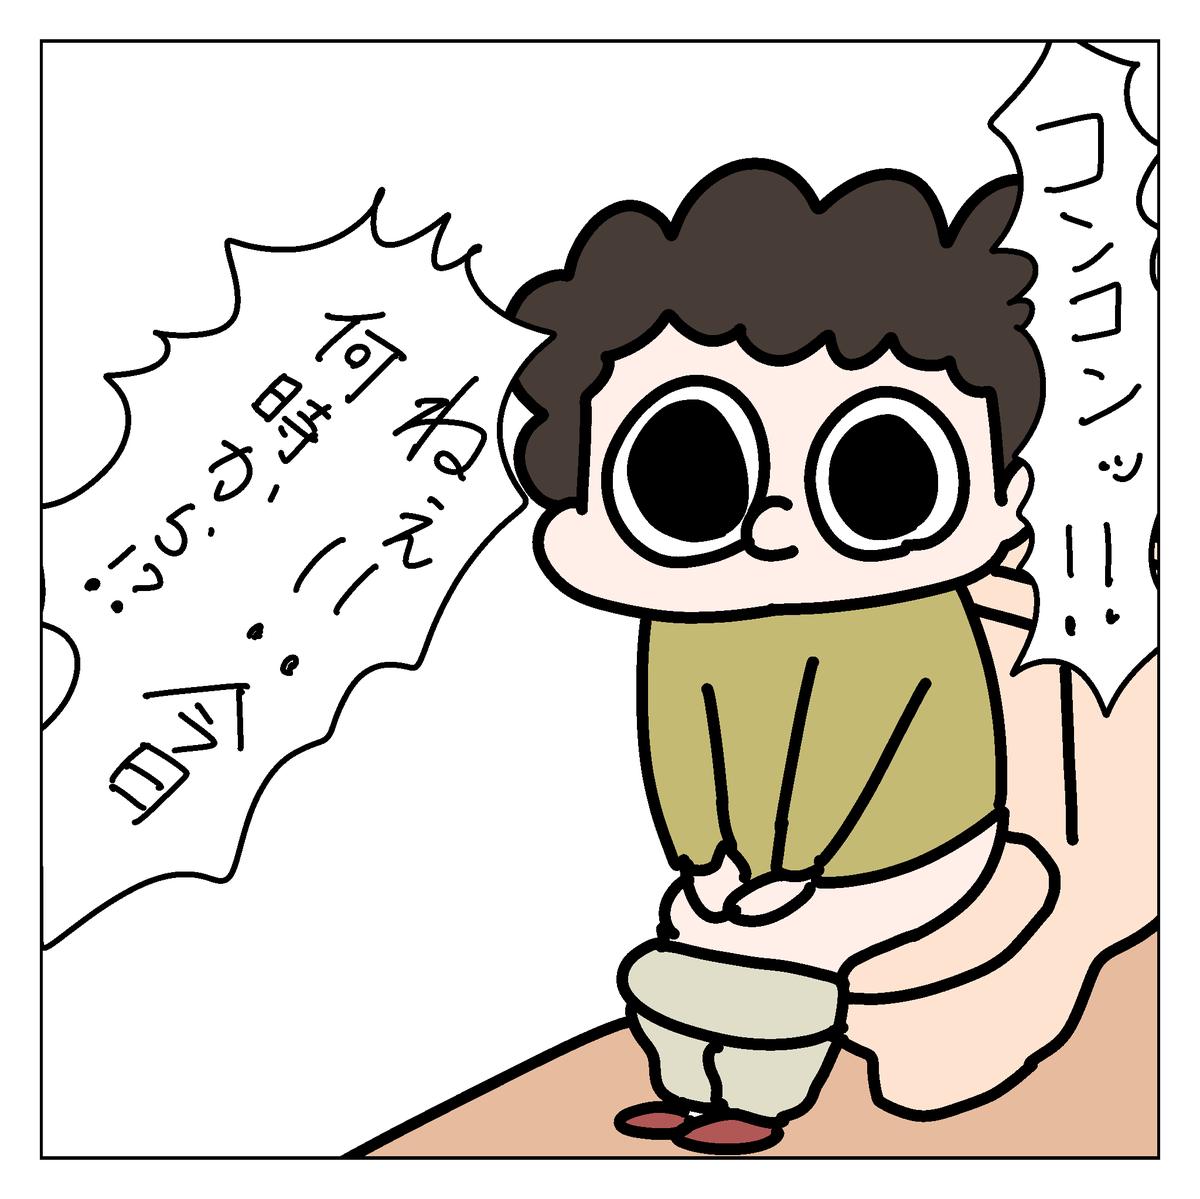 f:id:YuruFuwaTa:20200505113603p:plain